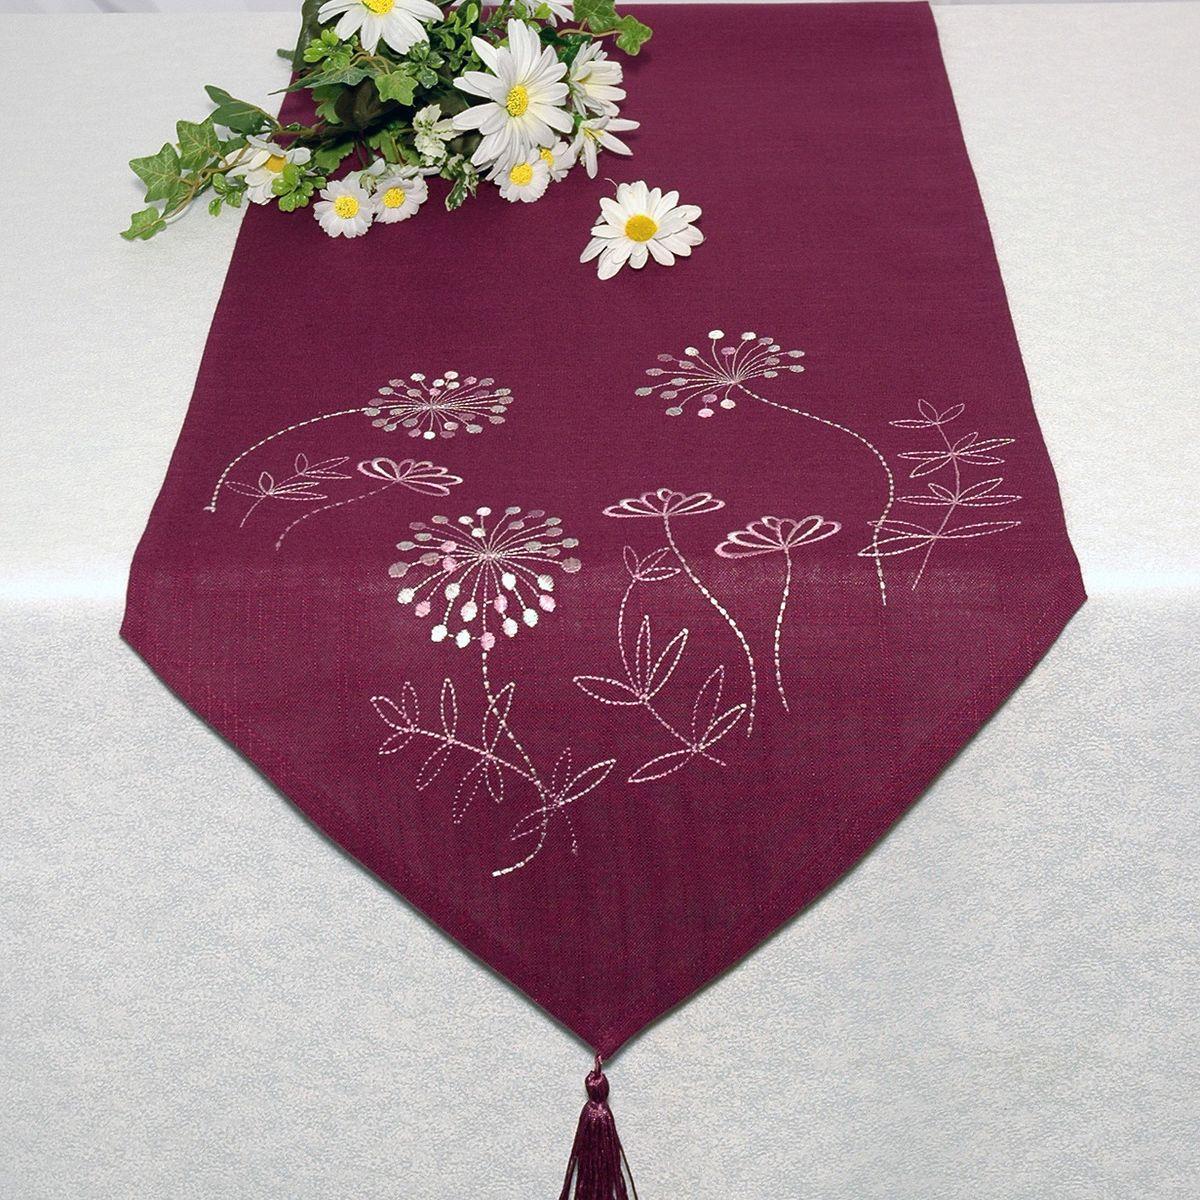 Дорожка для декорирования стола Schaefer , 40 х 140 см. 06922-23206922-232